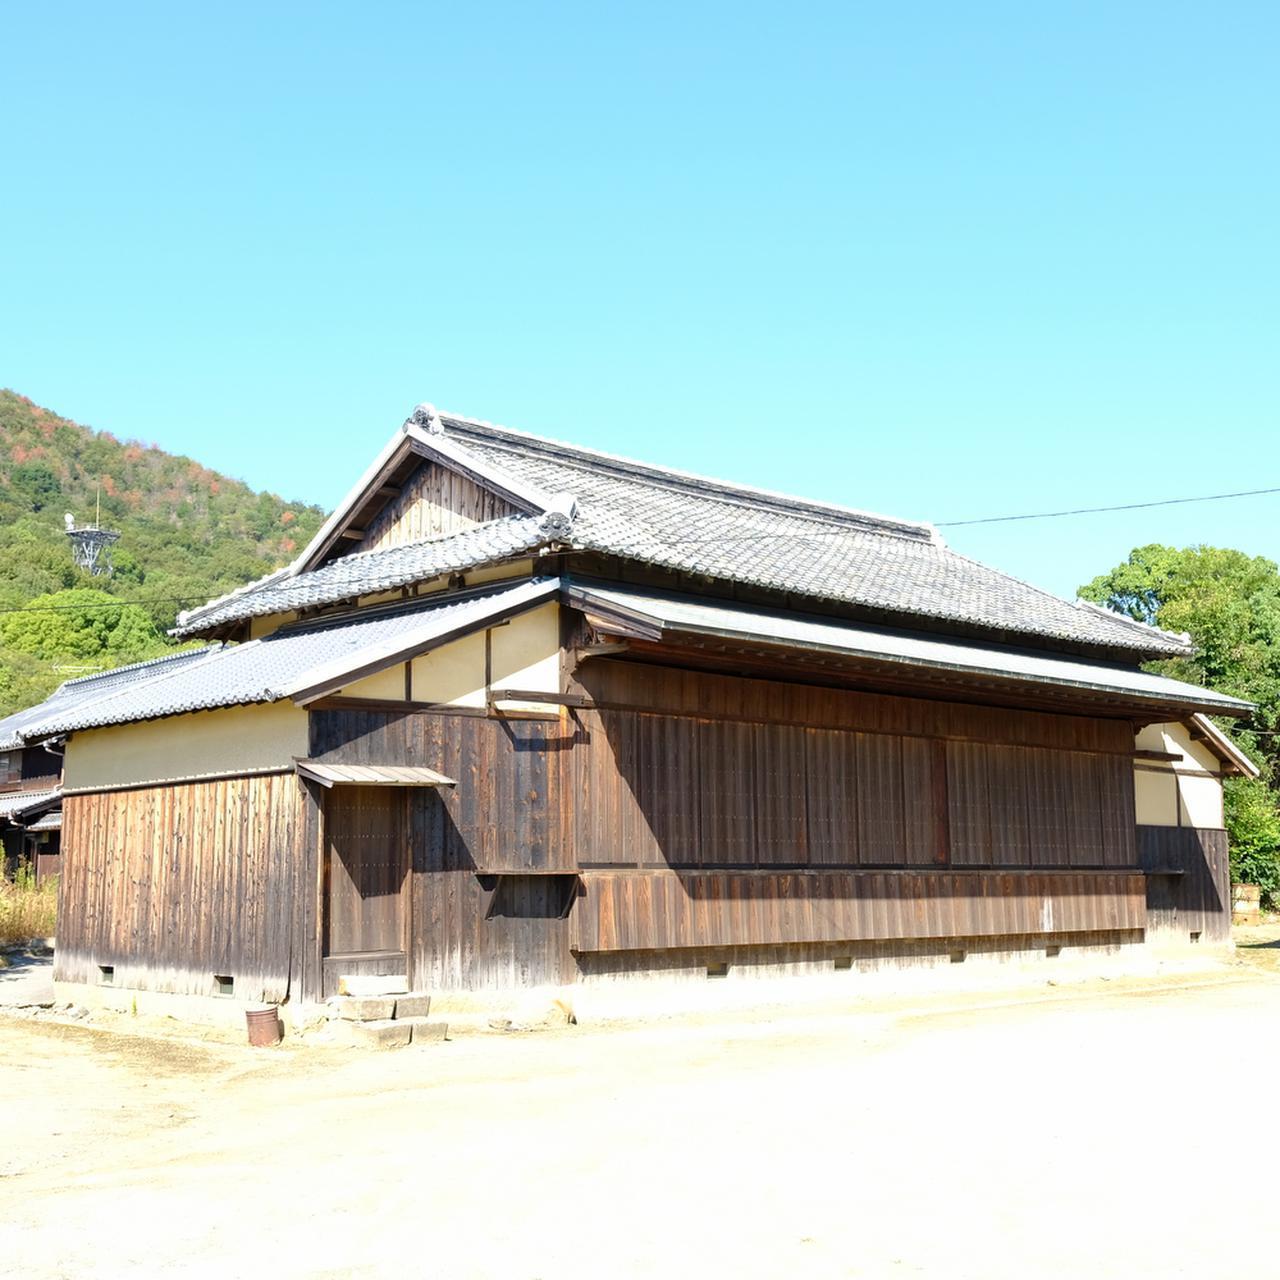 画像: 江戸時代の芝居小屋「千歳座」。当時の塩飽繁栄の象徴ともいえる常設の小屋。旅芝居の一行を招いて興行を行ったり、地元の若者が毎晩練習を重ね、芝居上演を開催していました。